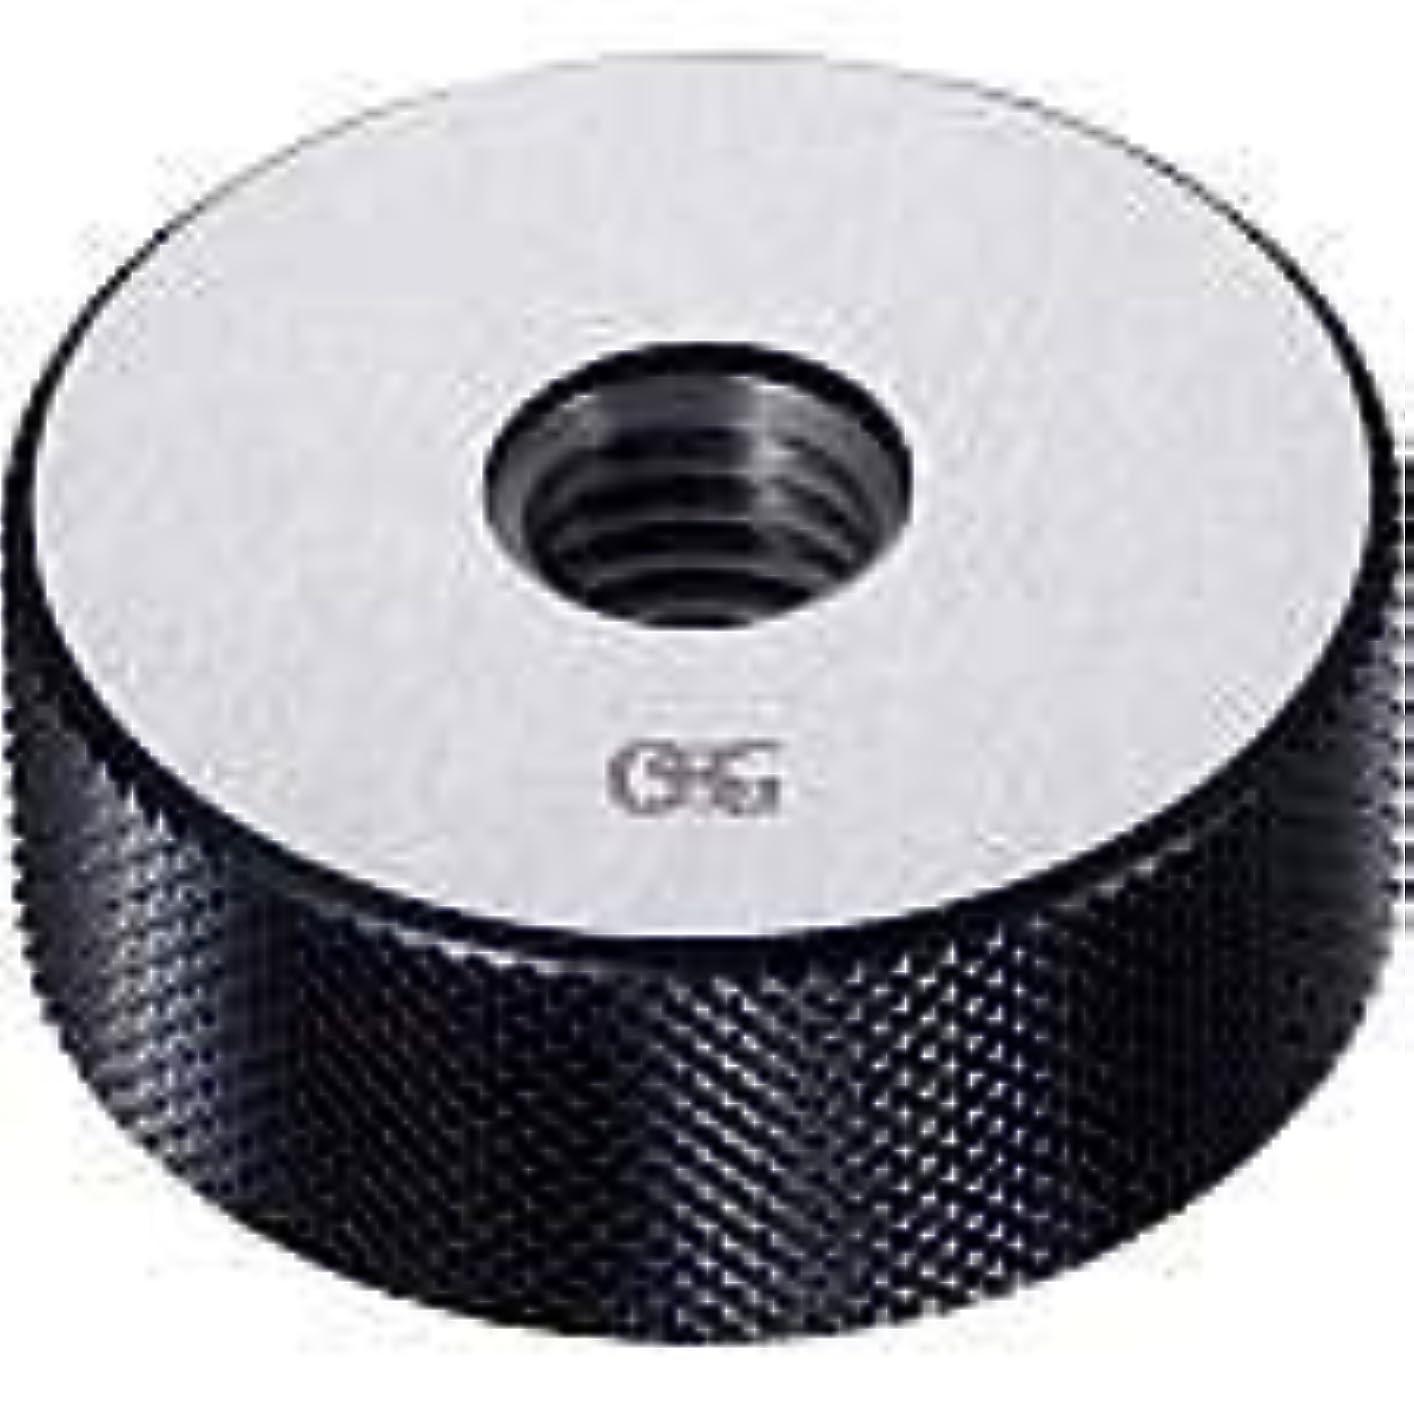 アレンジうるさい頑丈オーエスジー(株) 限界ゲージ LG 2 GR M20X2.5